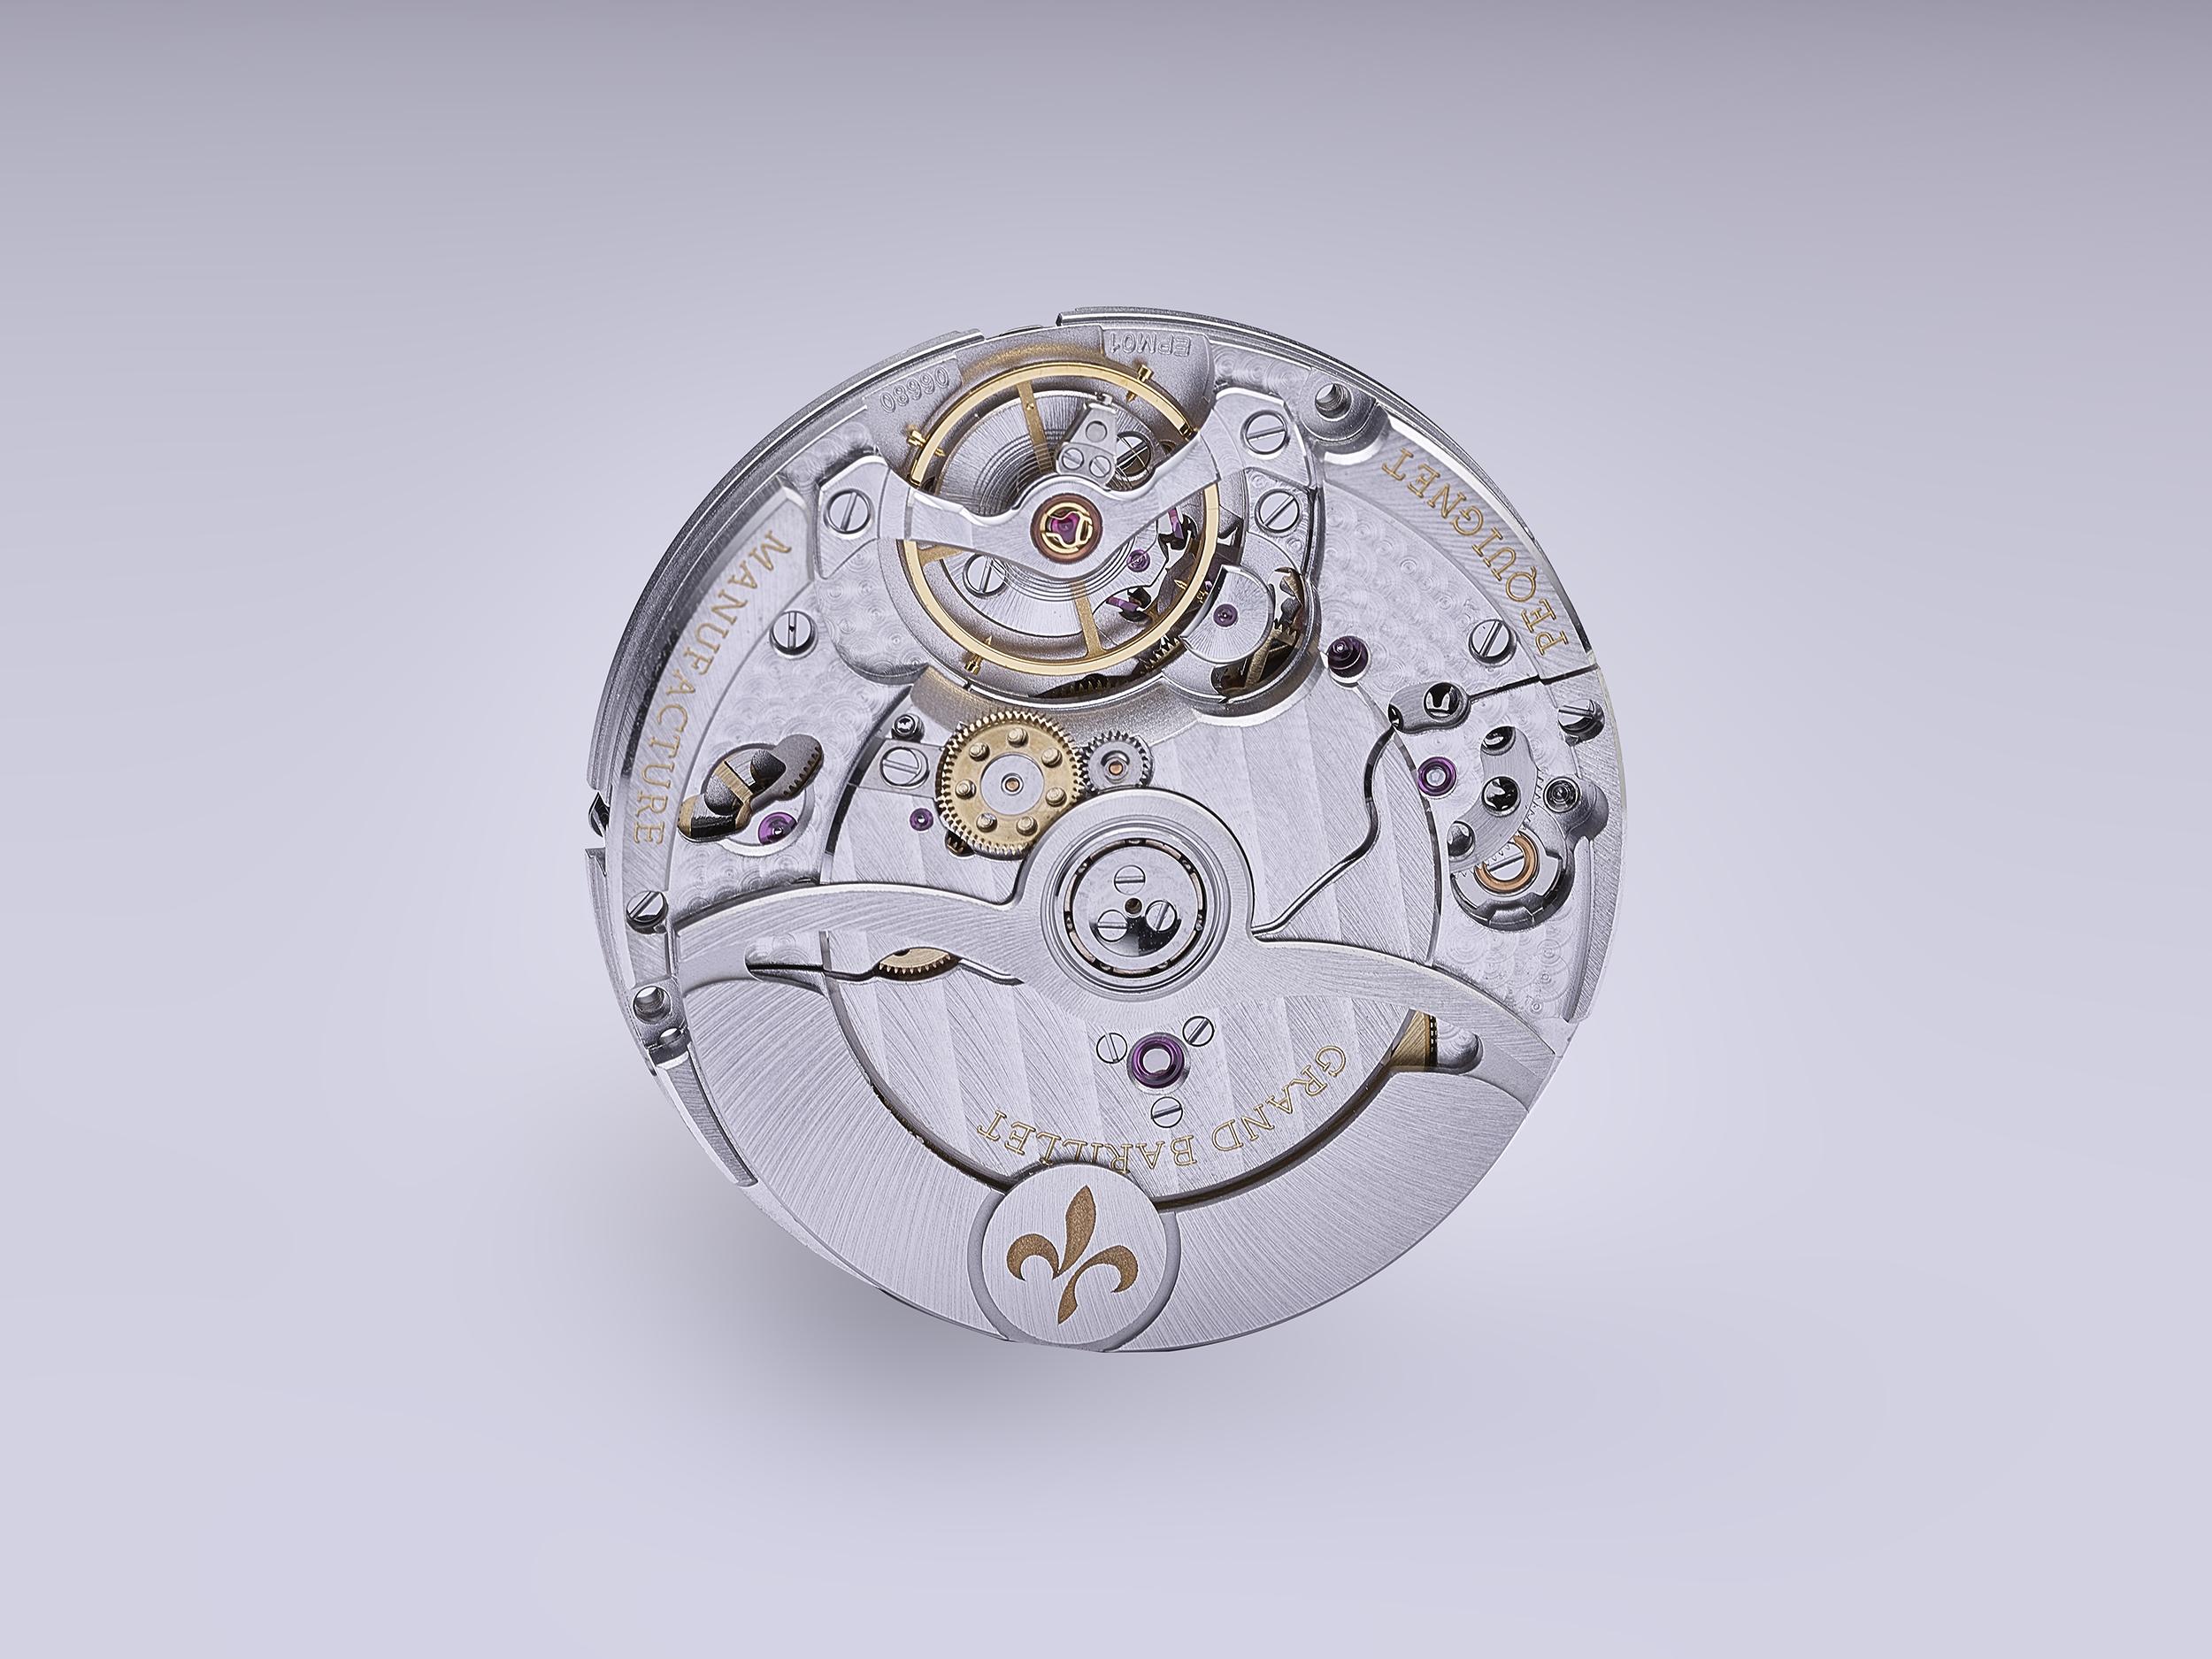 photographie en studio du mouvement de la montre royale de pequignet de morteau par philippe hahn photographe spécialisé de montres